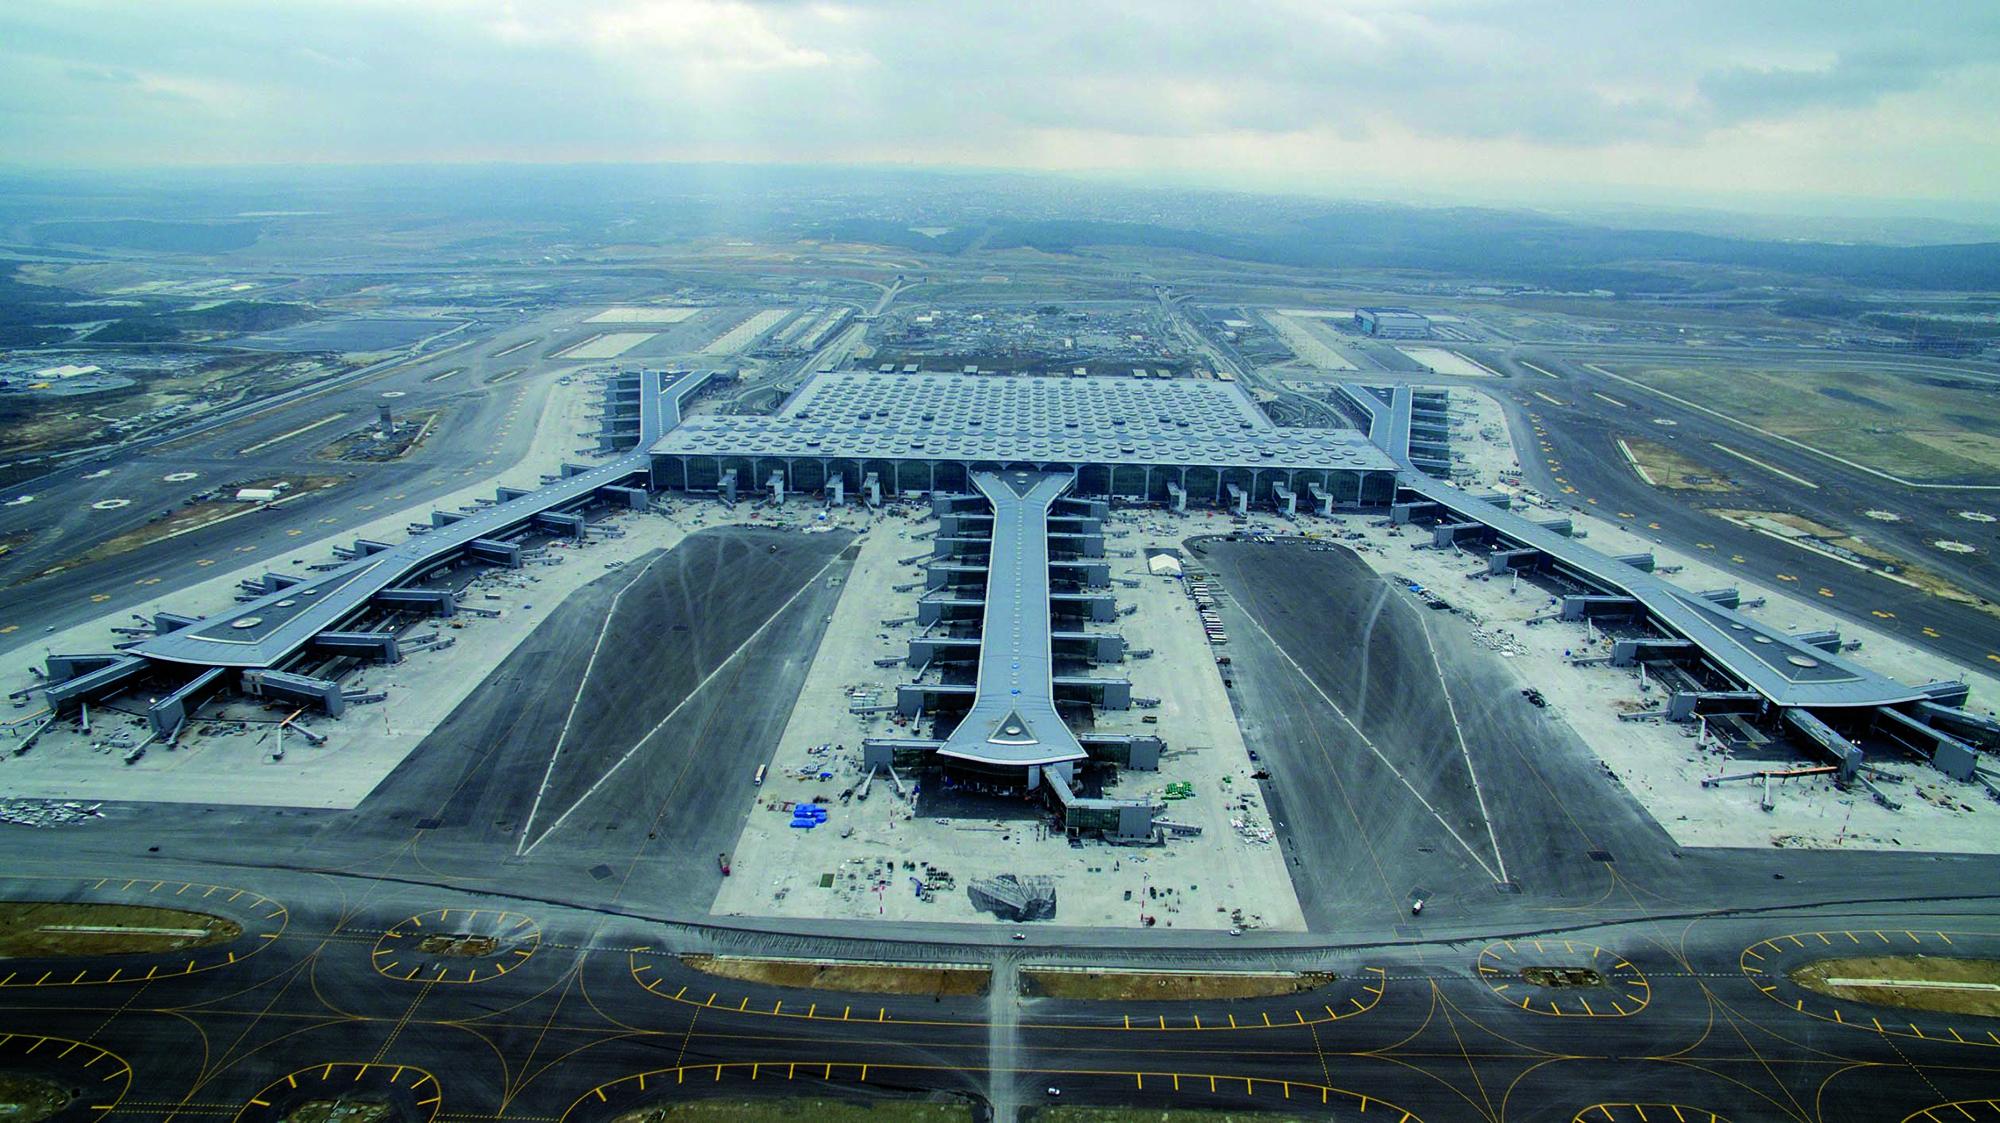 Aeroporto Istanbul - prodotti Mapei per greenroof impermeabilizzazioni prodotti per ceramiche fughe resine sigillanti (6)